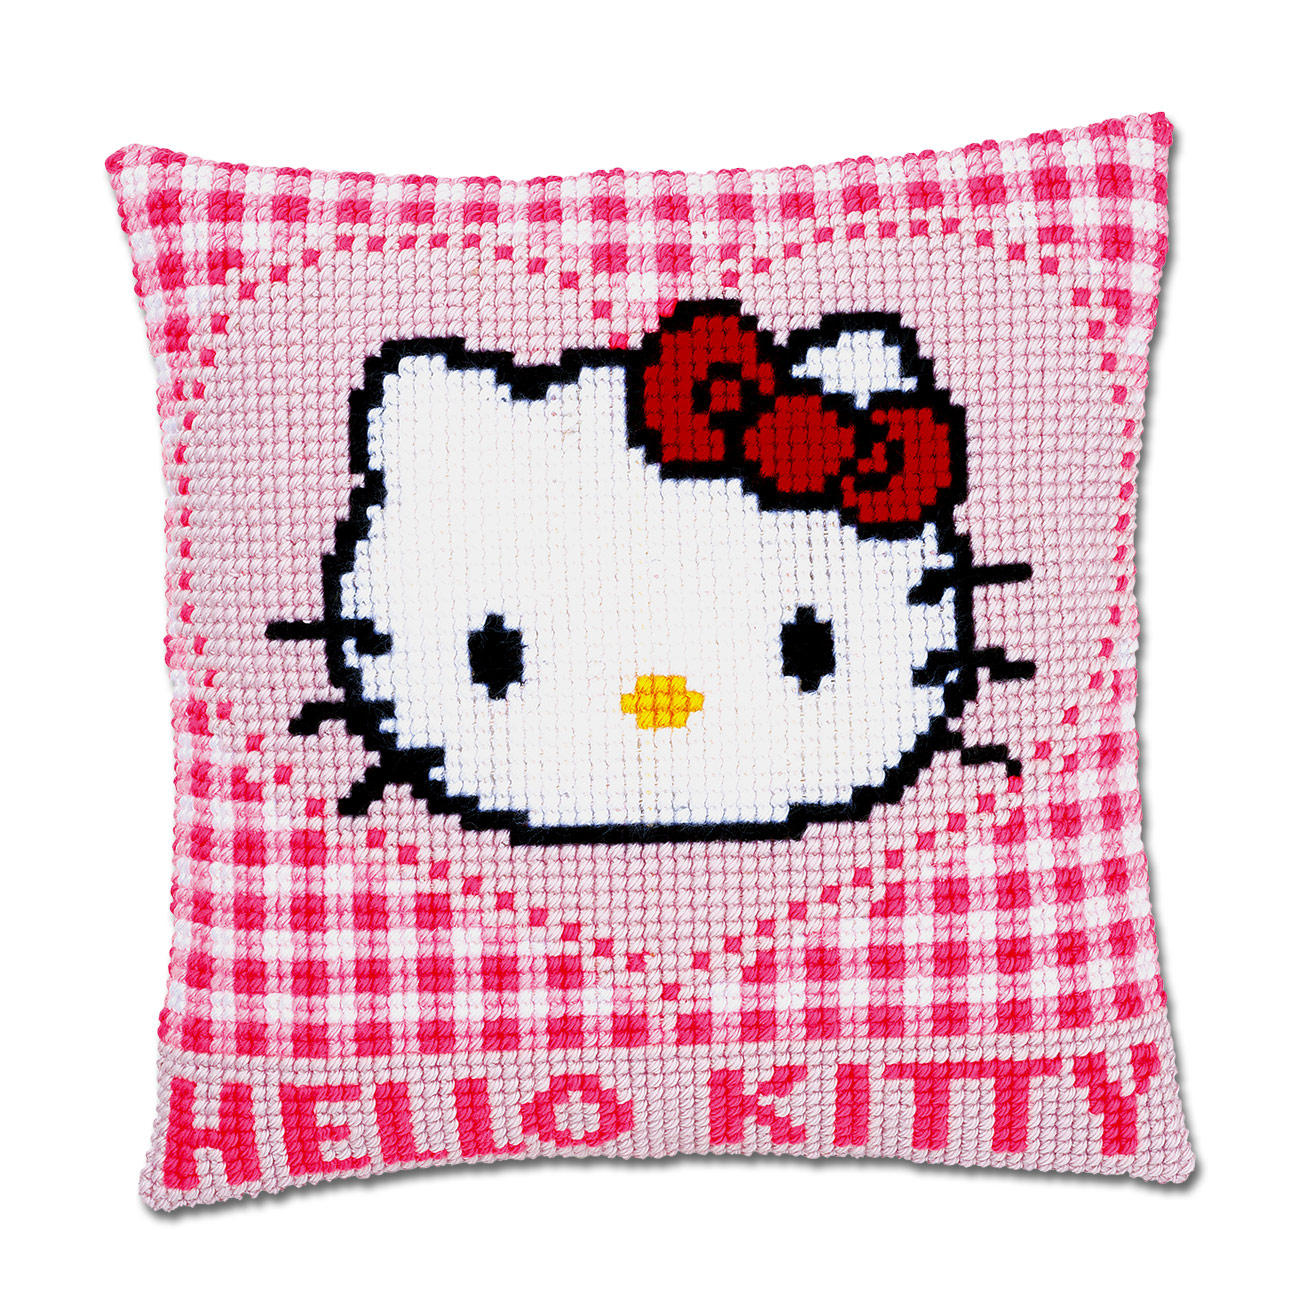 stickkissen hello kitty herz. Black Bedroom Furniture Sets. Home Design Ideas